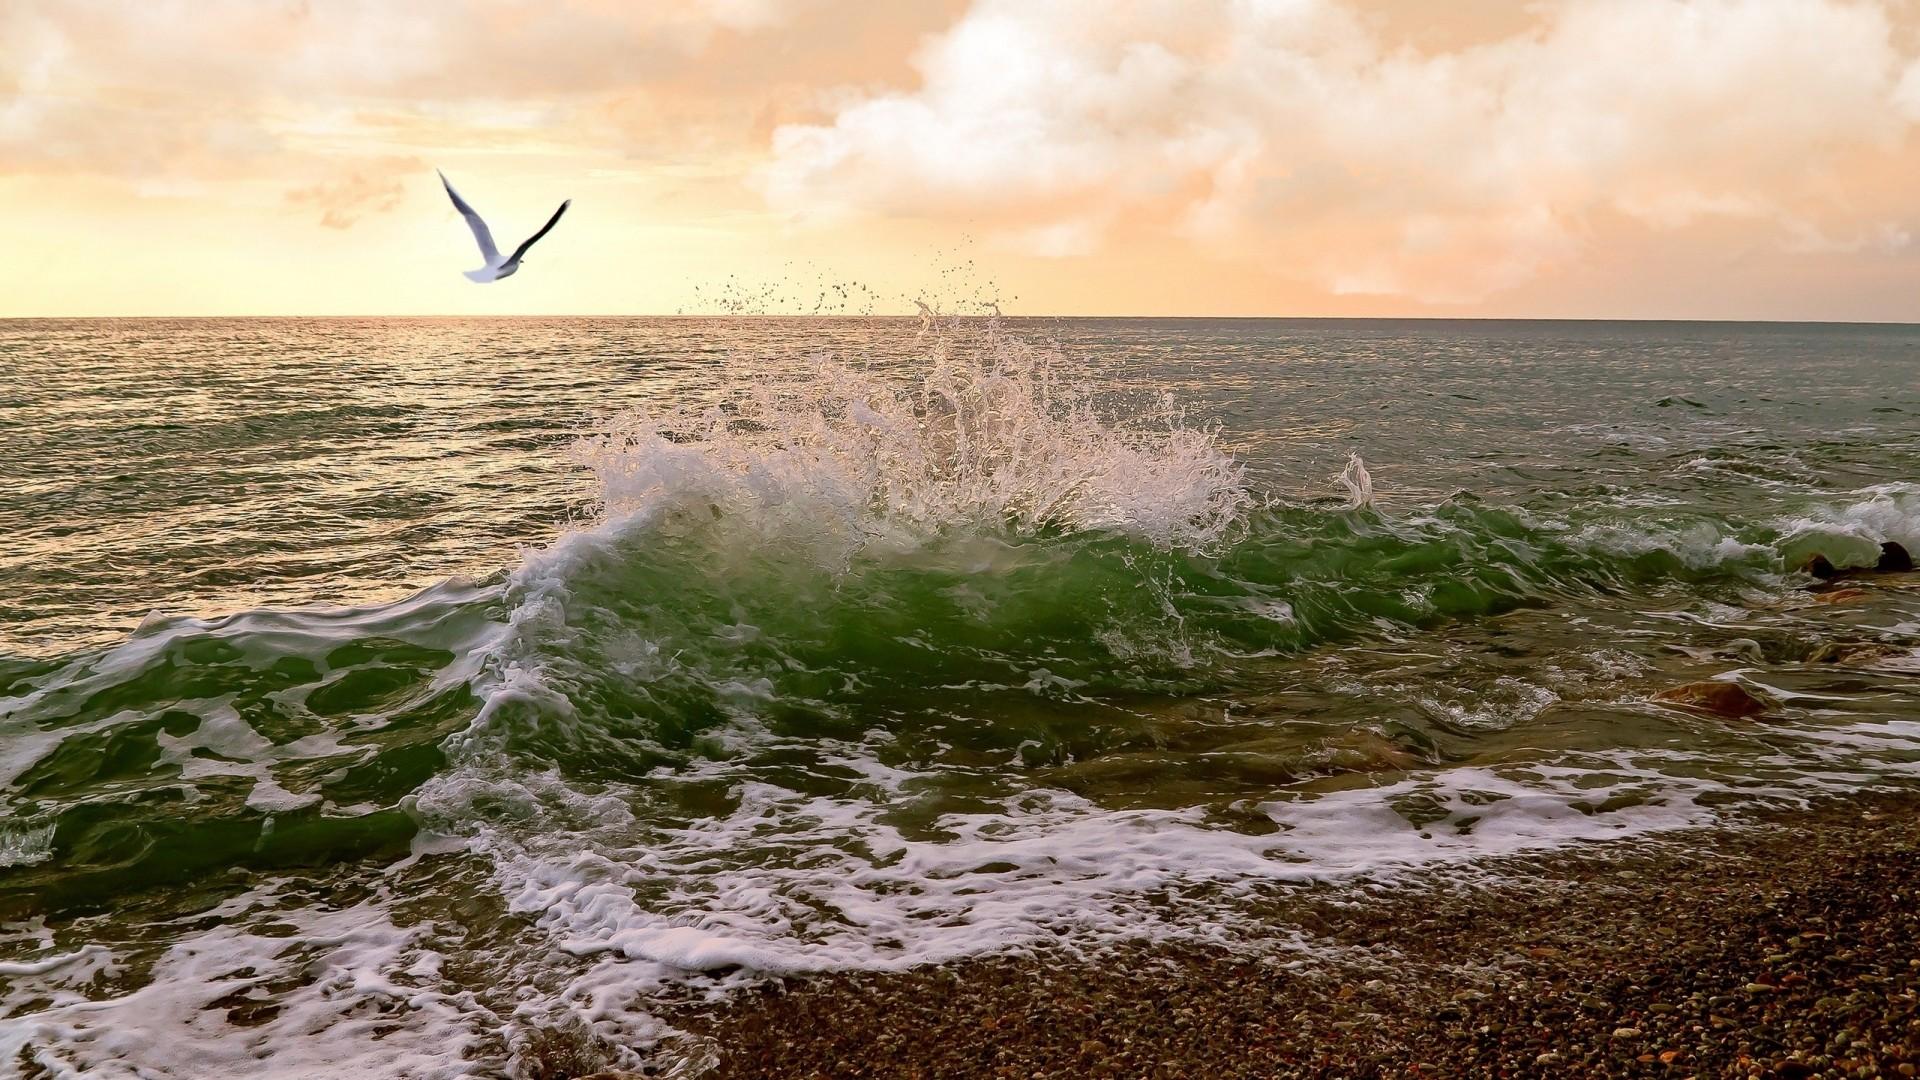 rough, sea, seagulls, waves - image #485450 on Favim.com